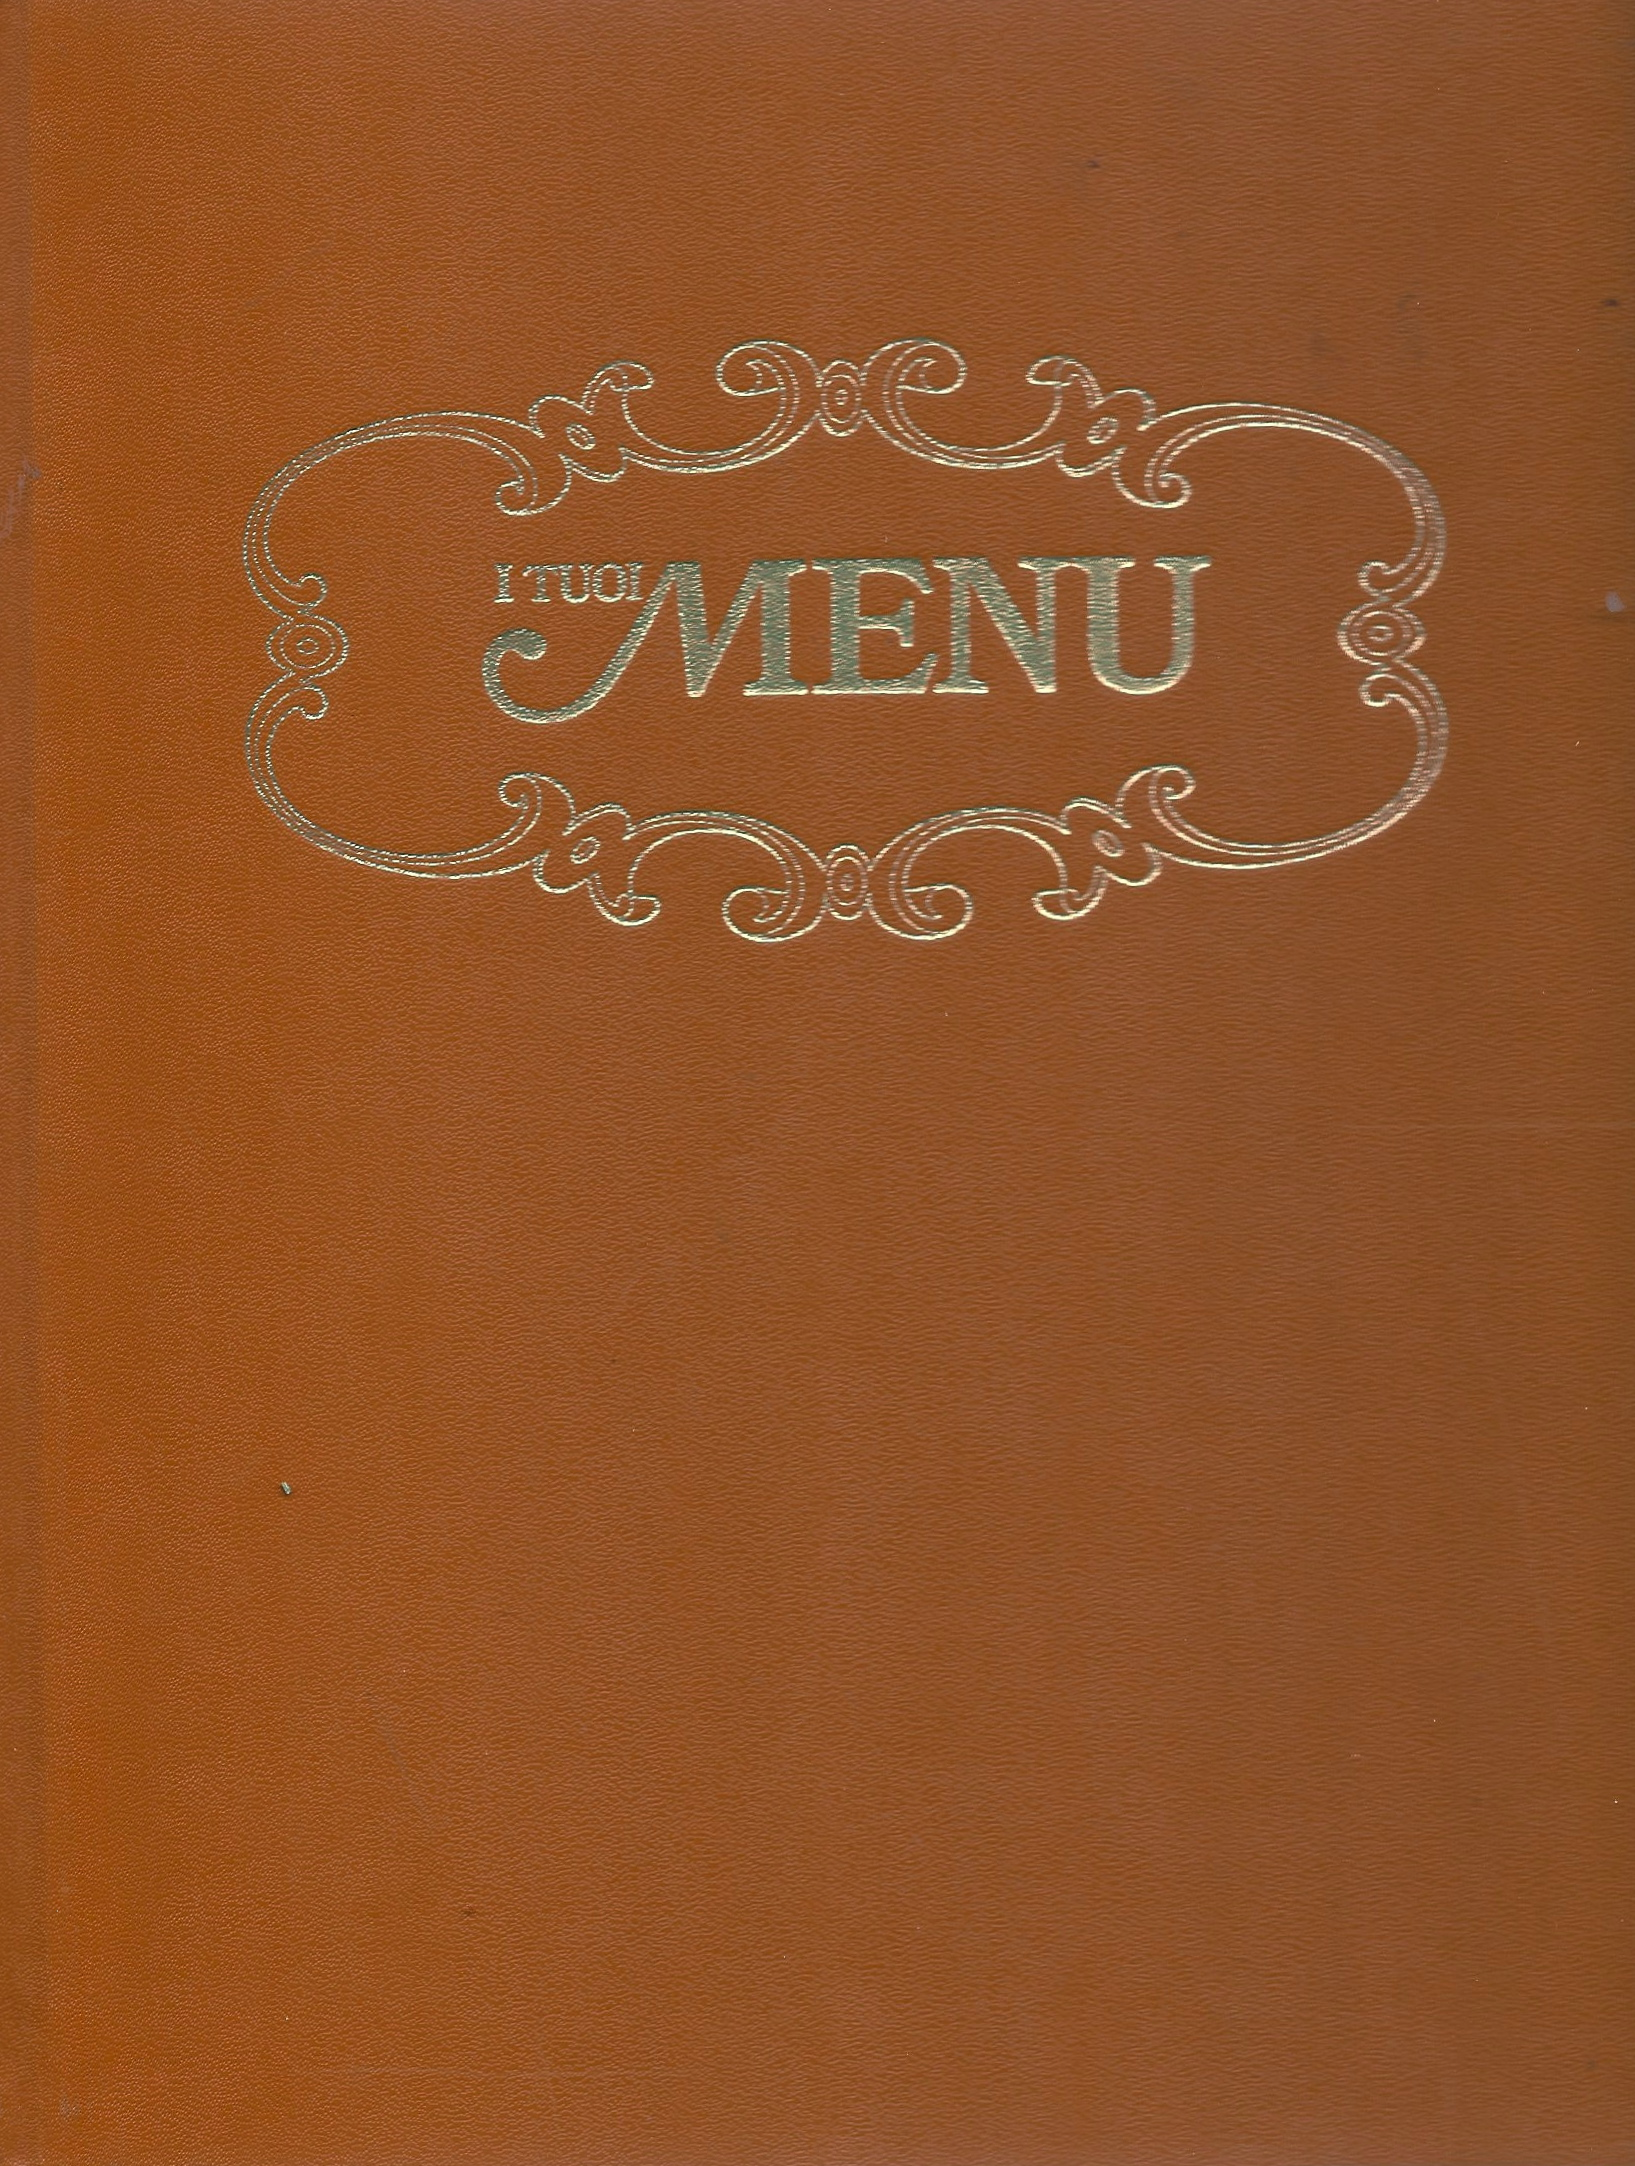 I tuoi menu - vol 7